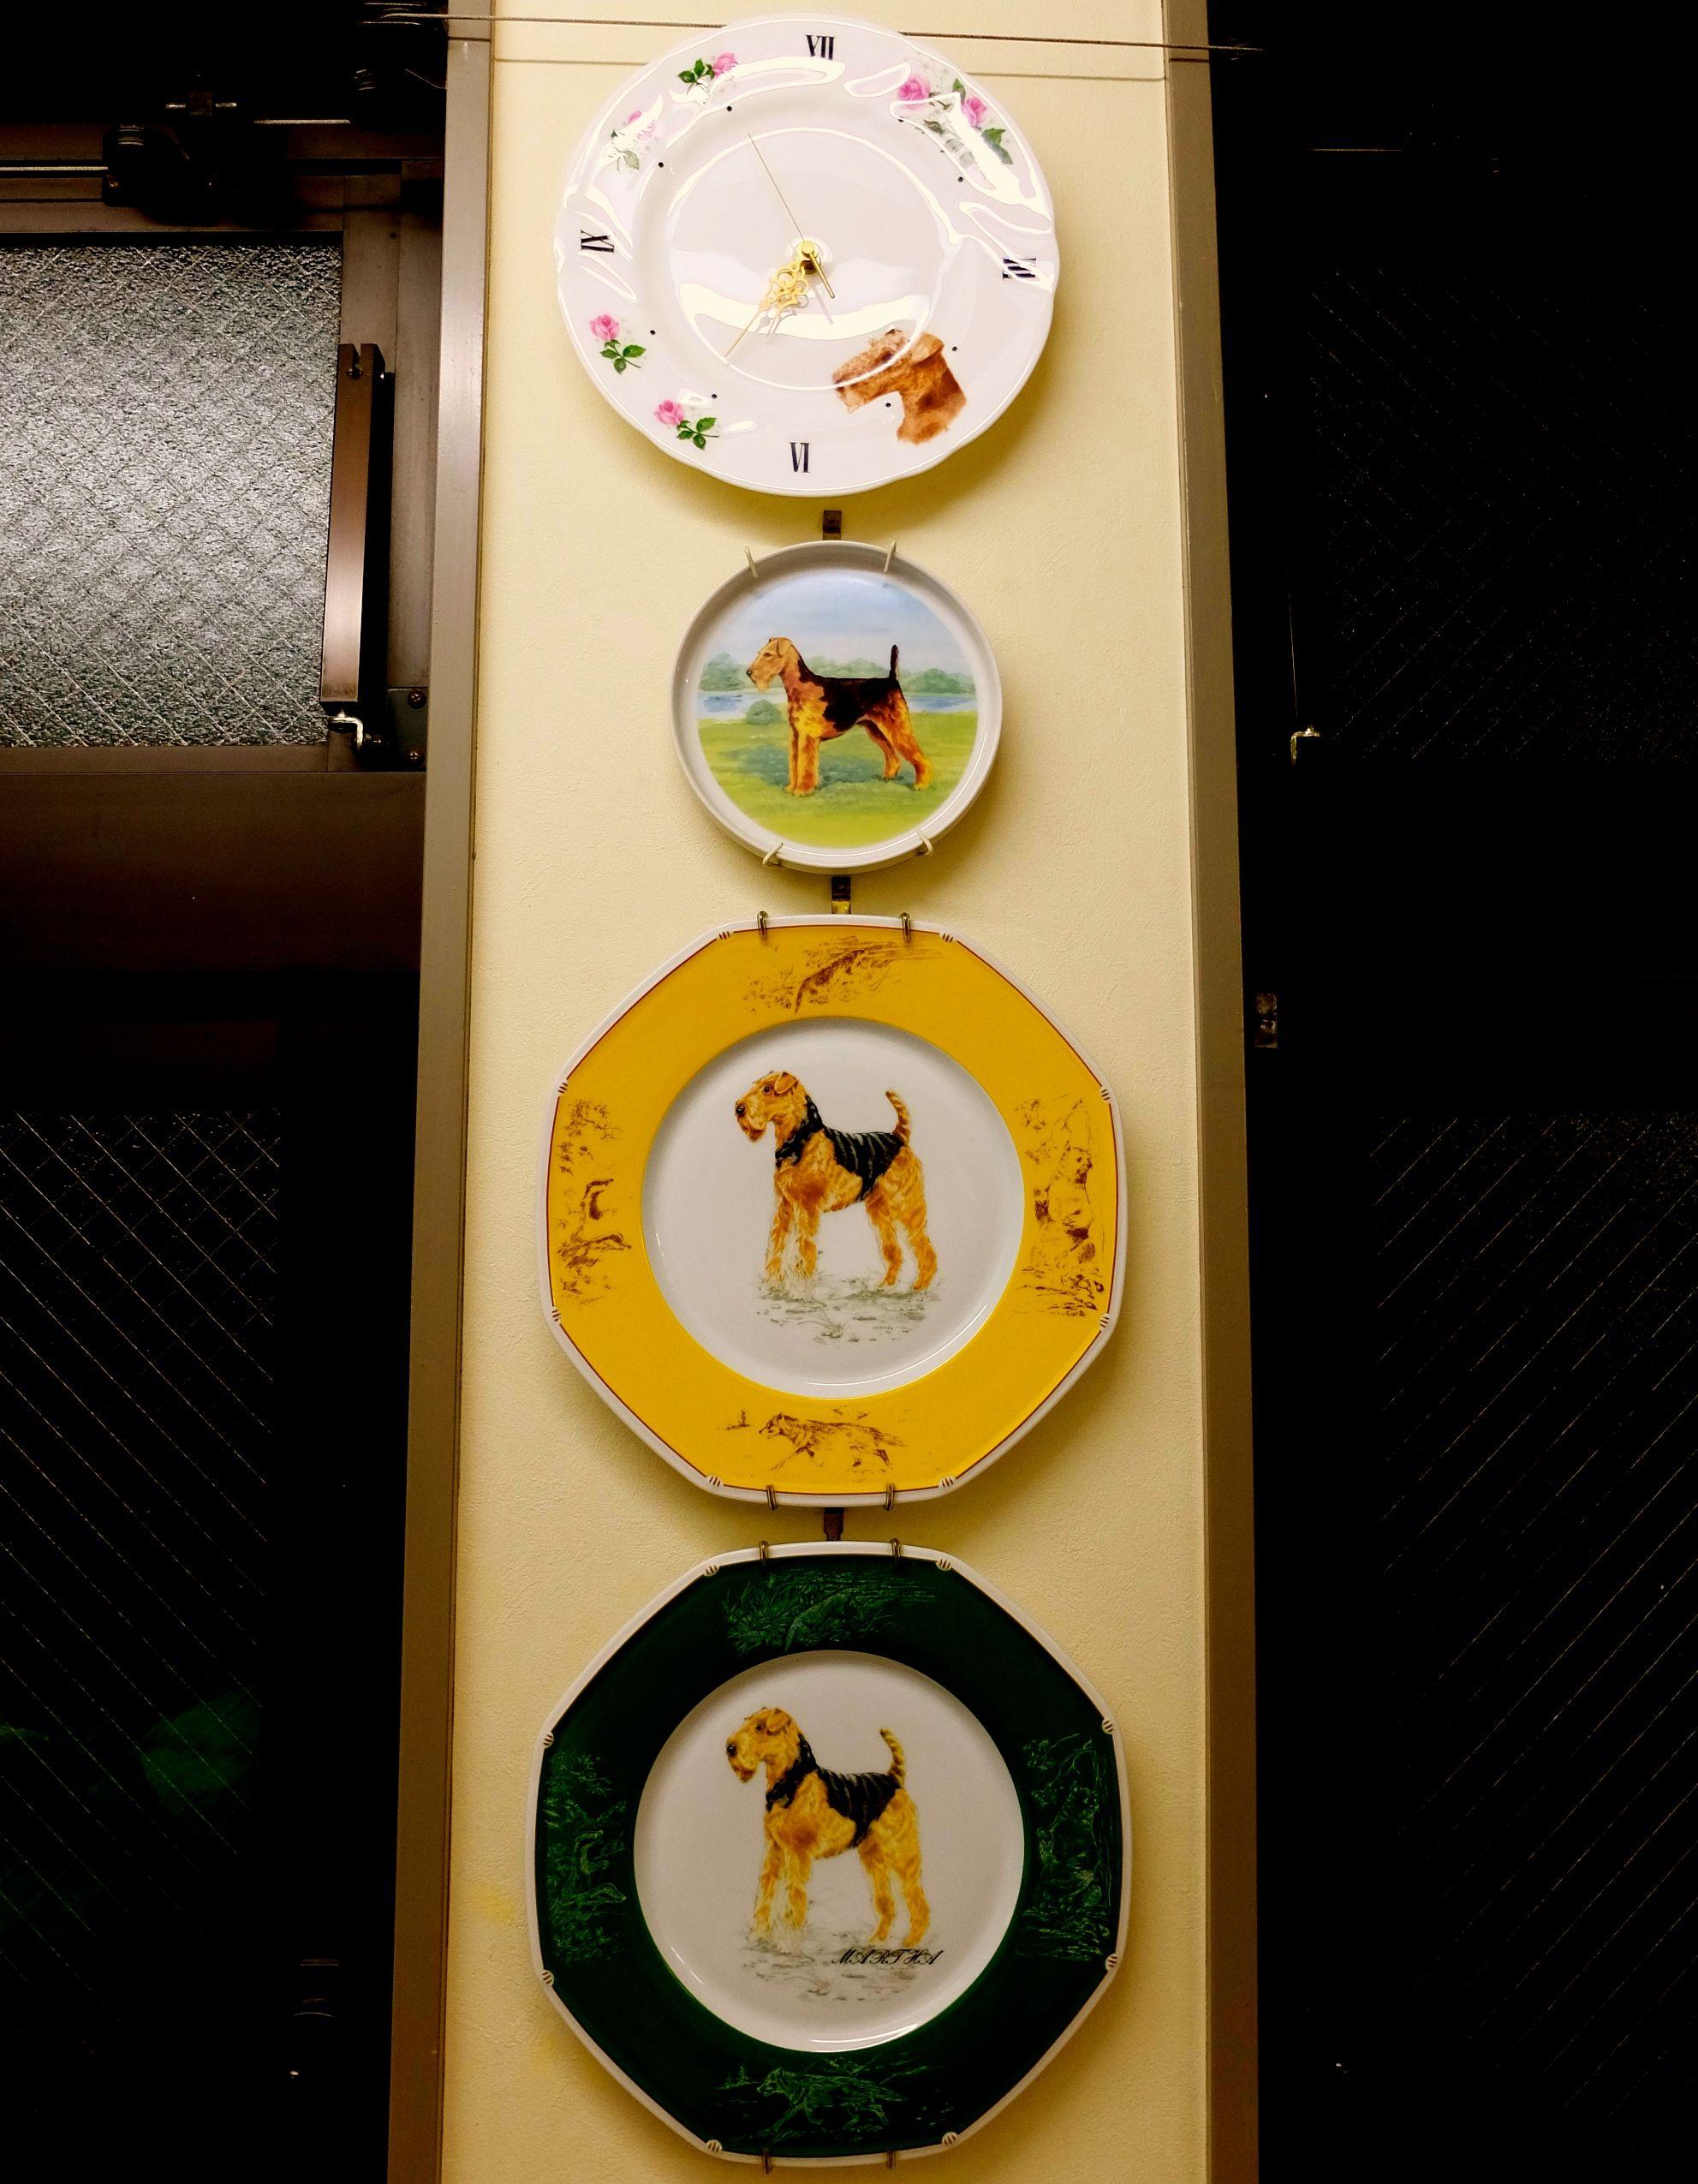 横浜 金沢区の動物病院 マーサ動物病院 動物医療センター